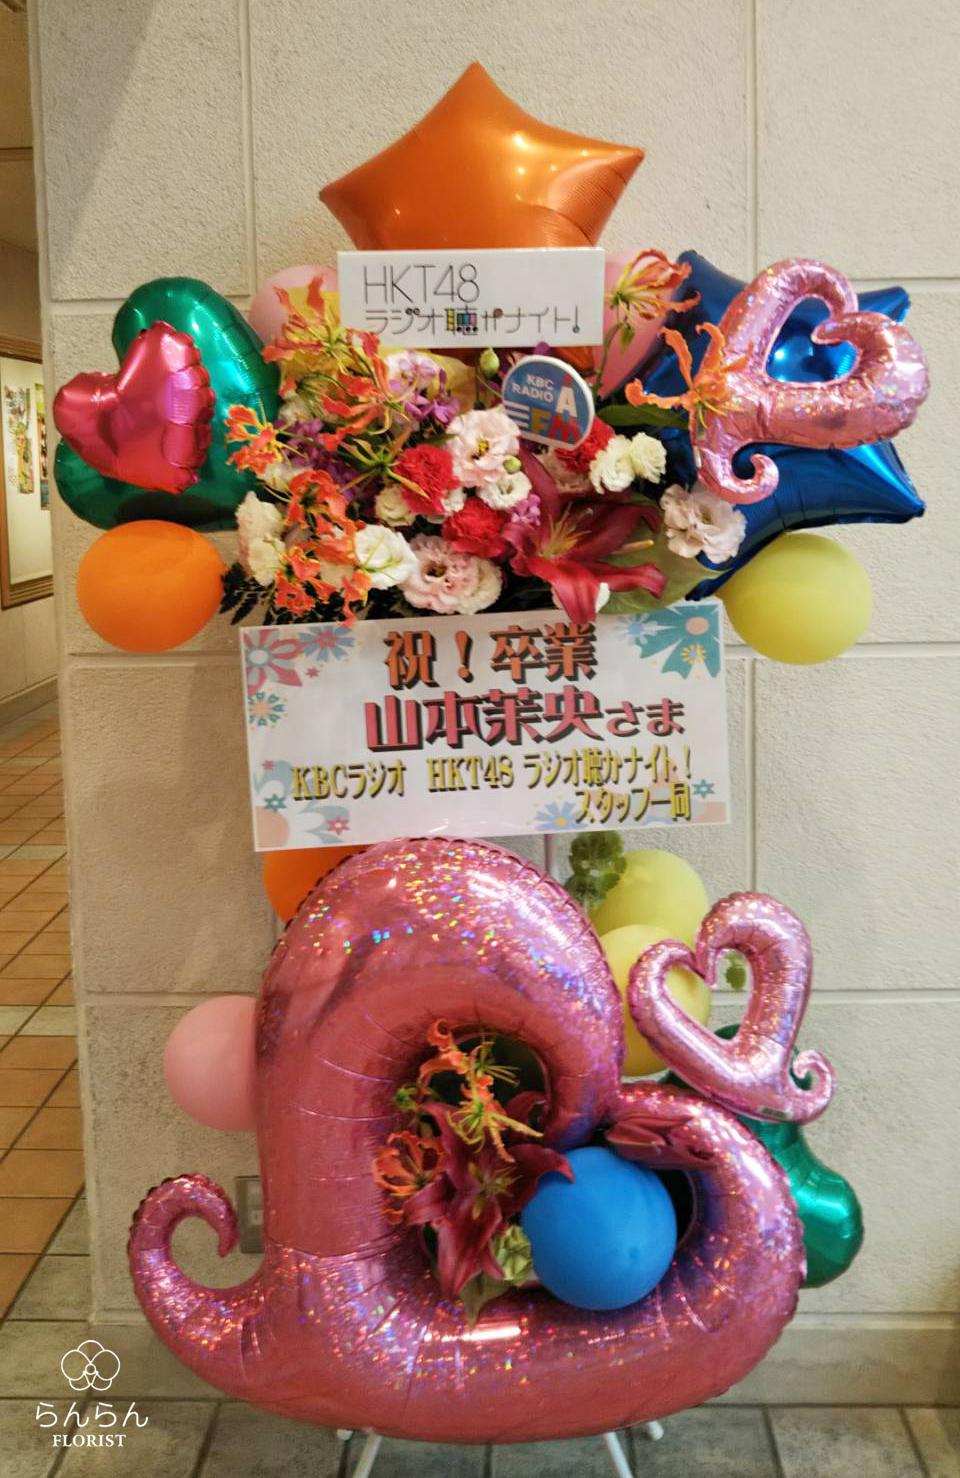 HKT48 山本茉央 卒業公演 お祝いスタンド花